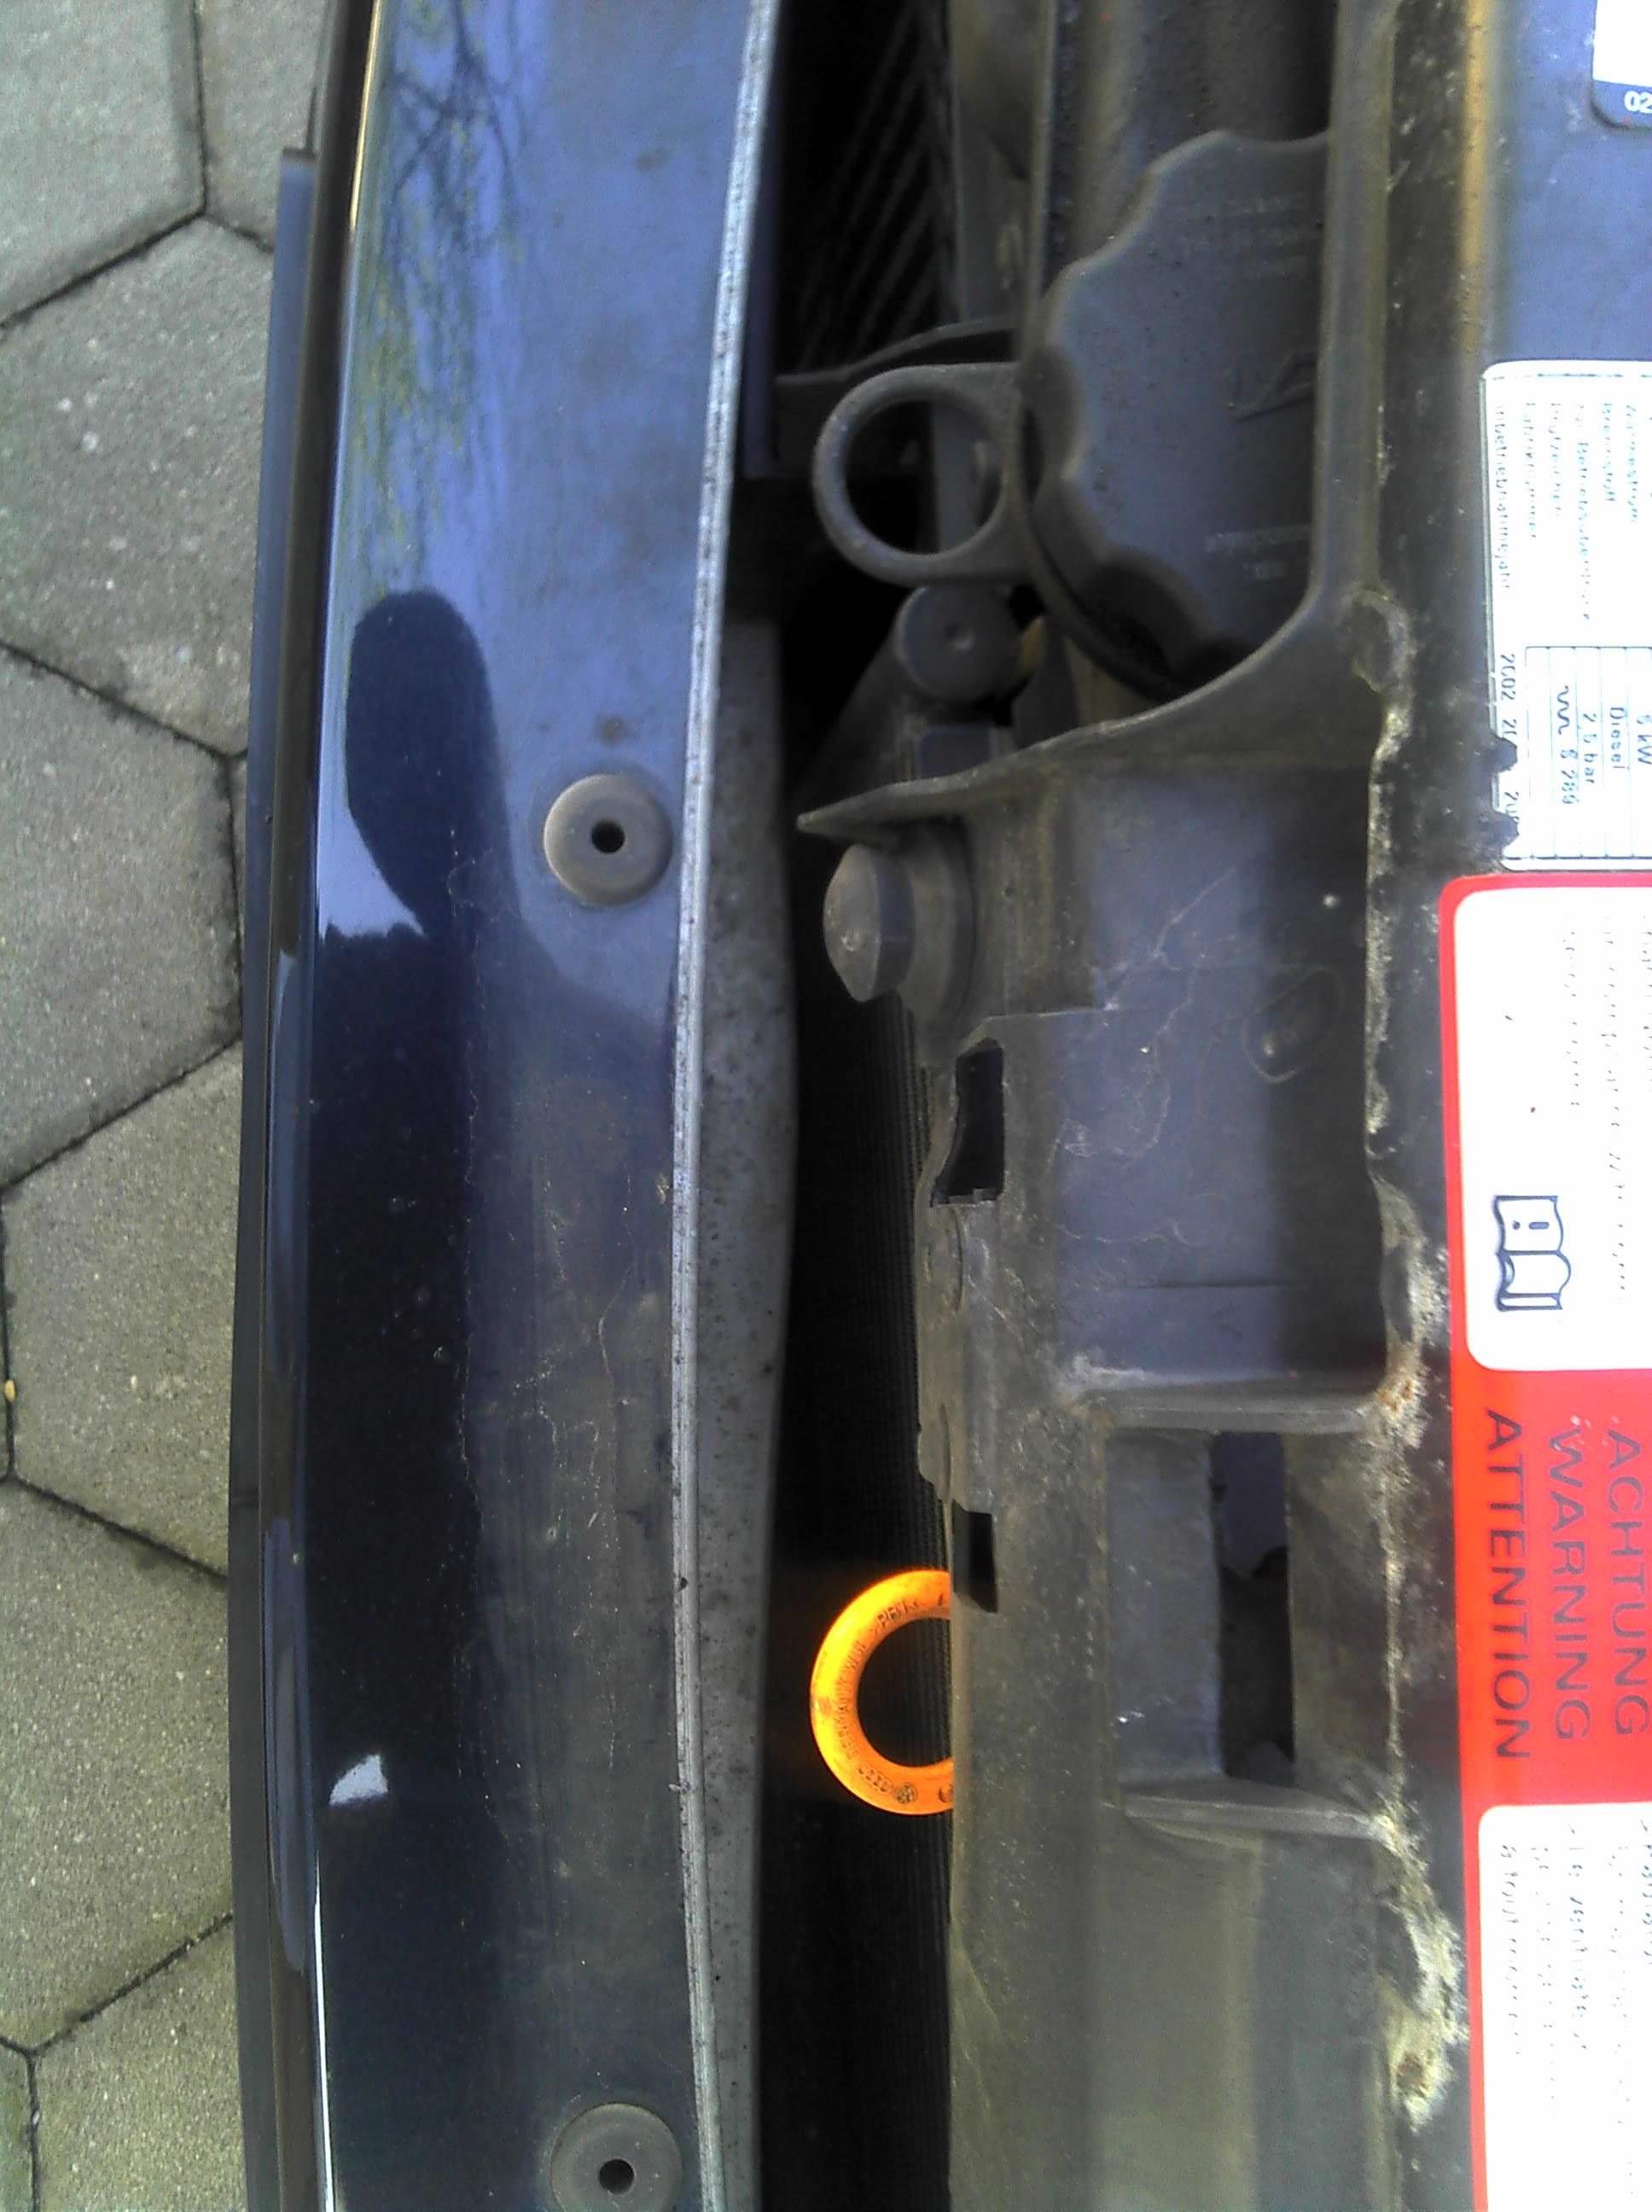 2011-04-09_08-52-47_245.jpg.c0a432ed712a952a921e0cf08f6caa0a.jpg